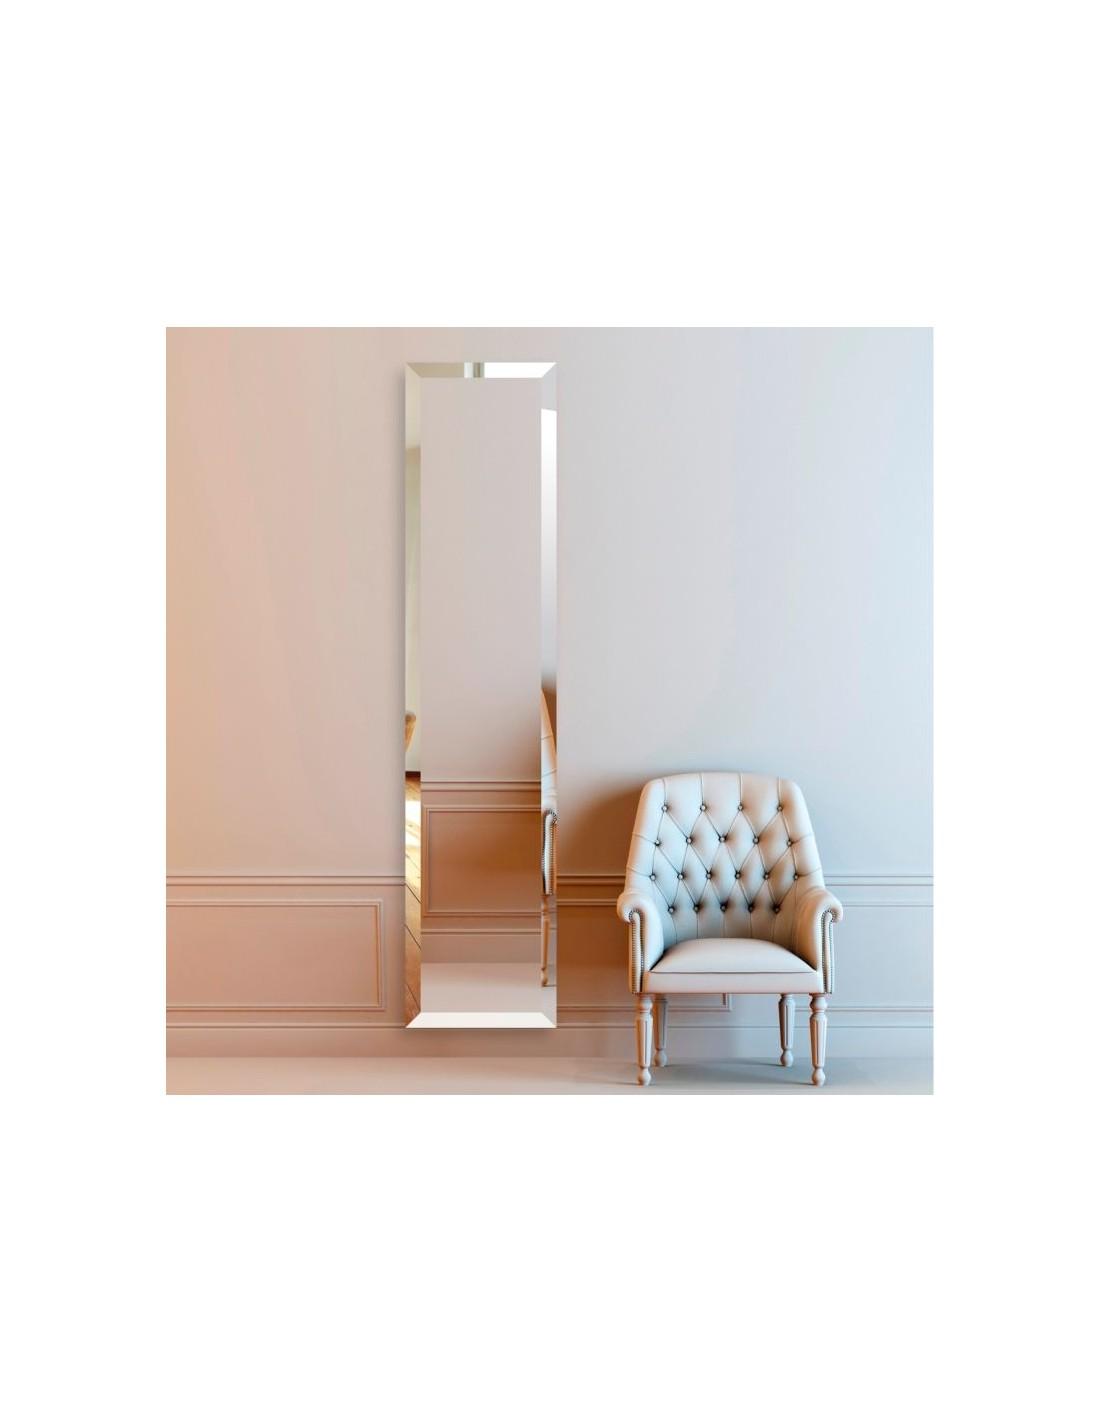 Sèches-serviettes miroir Bizo de Cinier mise en scène - Valente Design